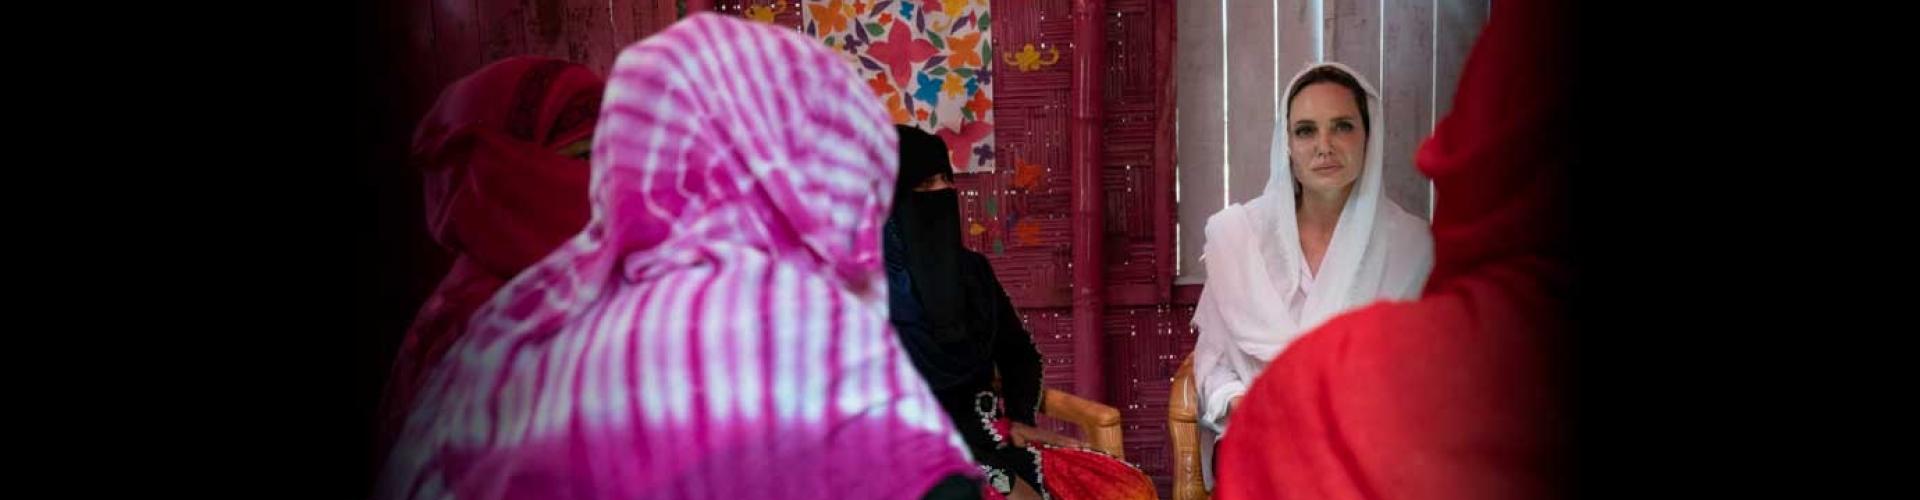 แองเจลิน่า โจลี ทูตพิเศษฯ UNHCR สรุปภารกิจการลงพื้นที่ที่ประเทศบังคลาเทศ